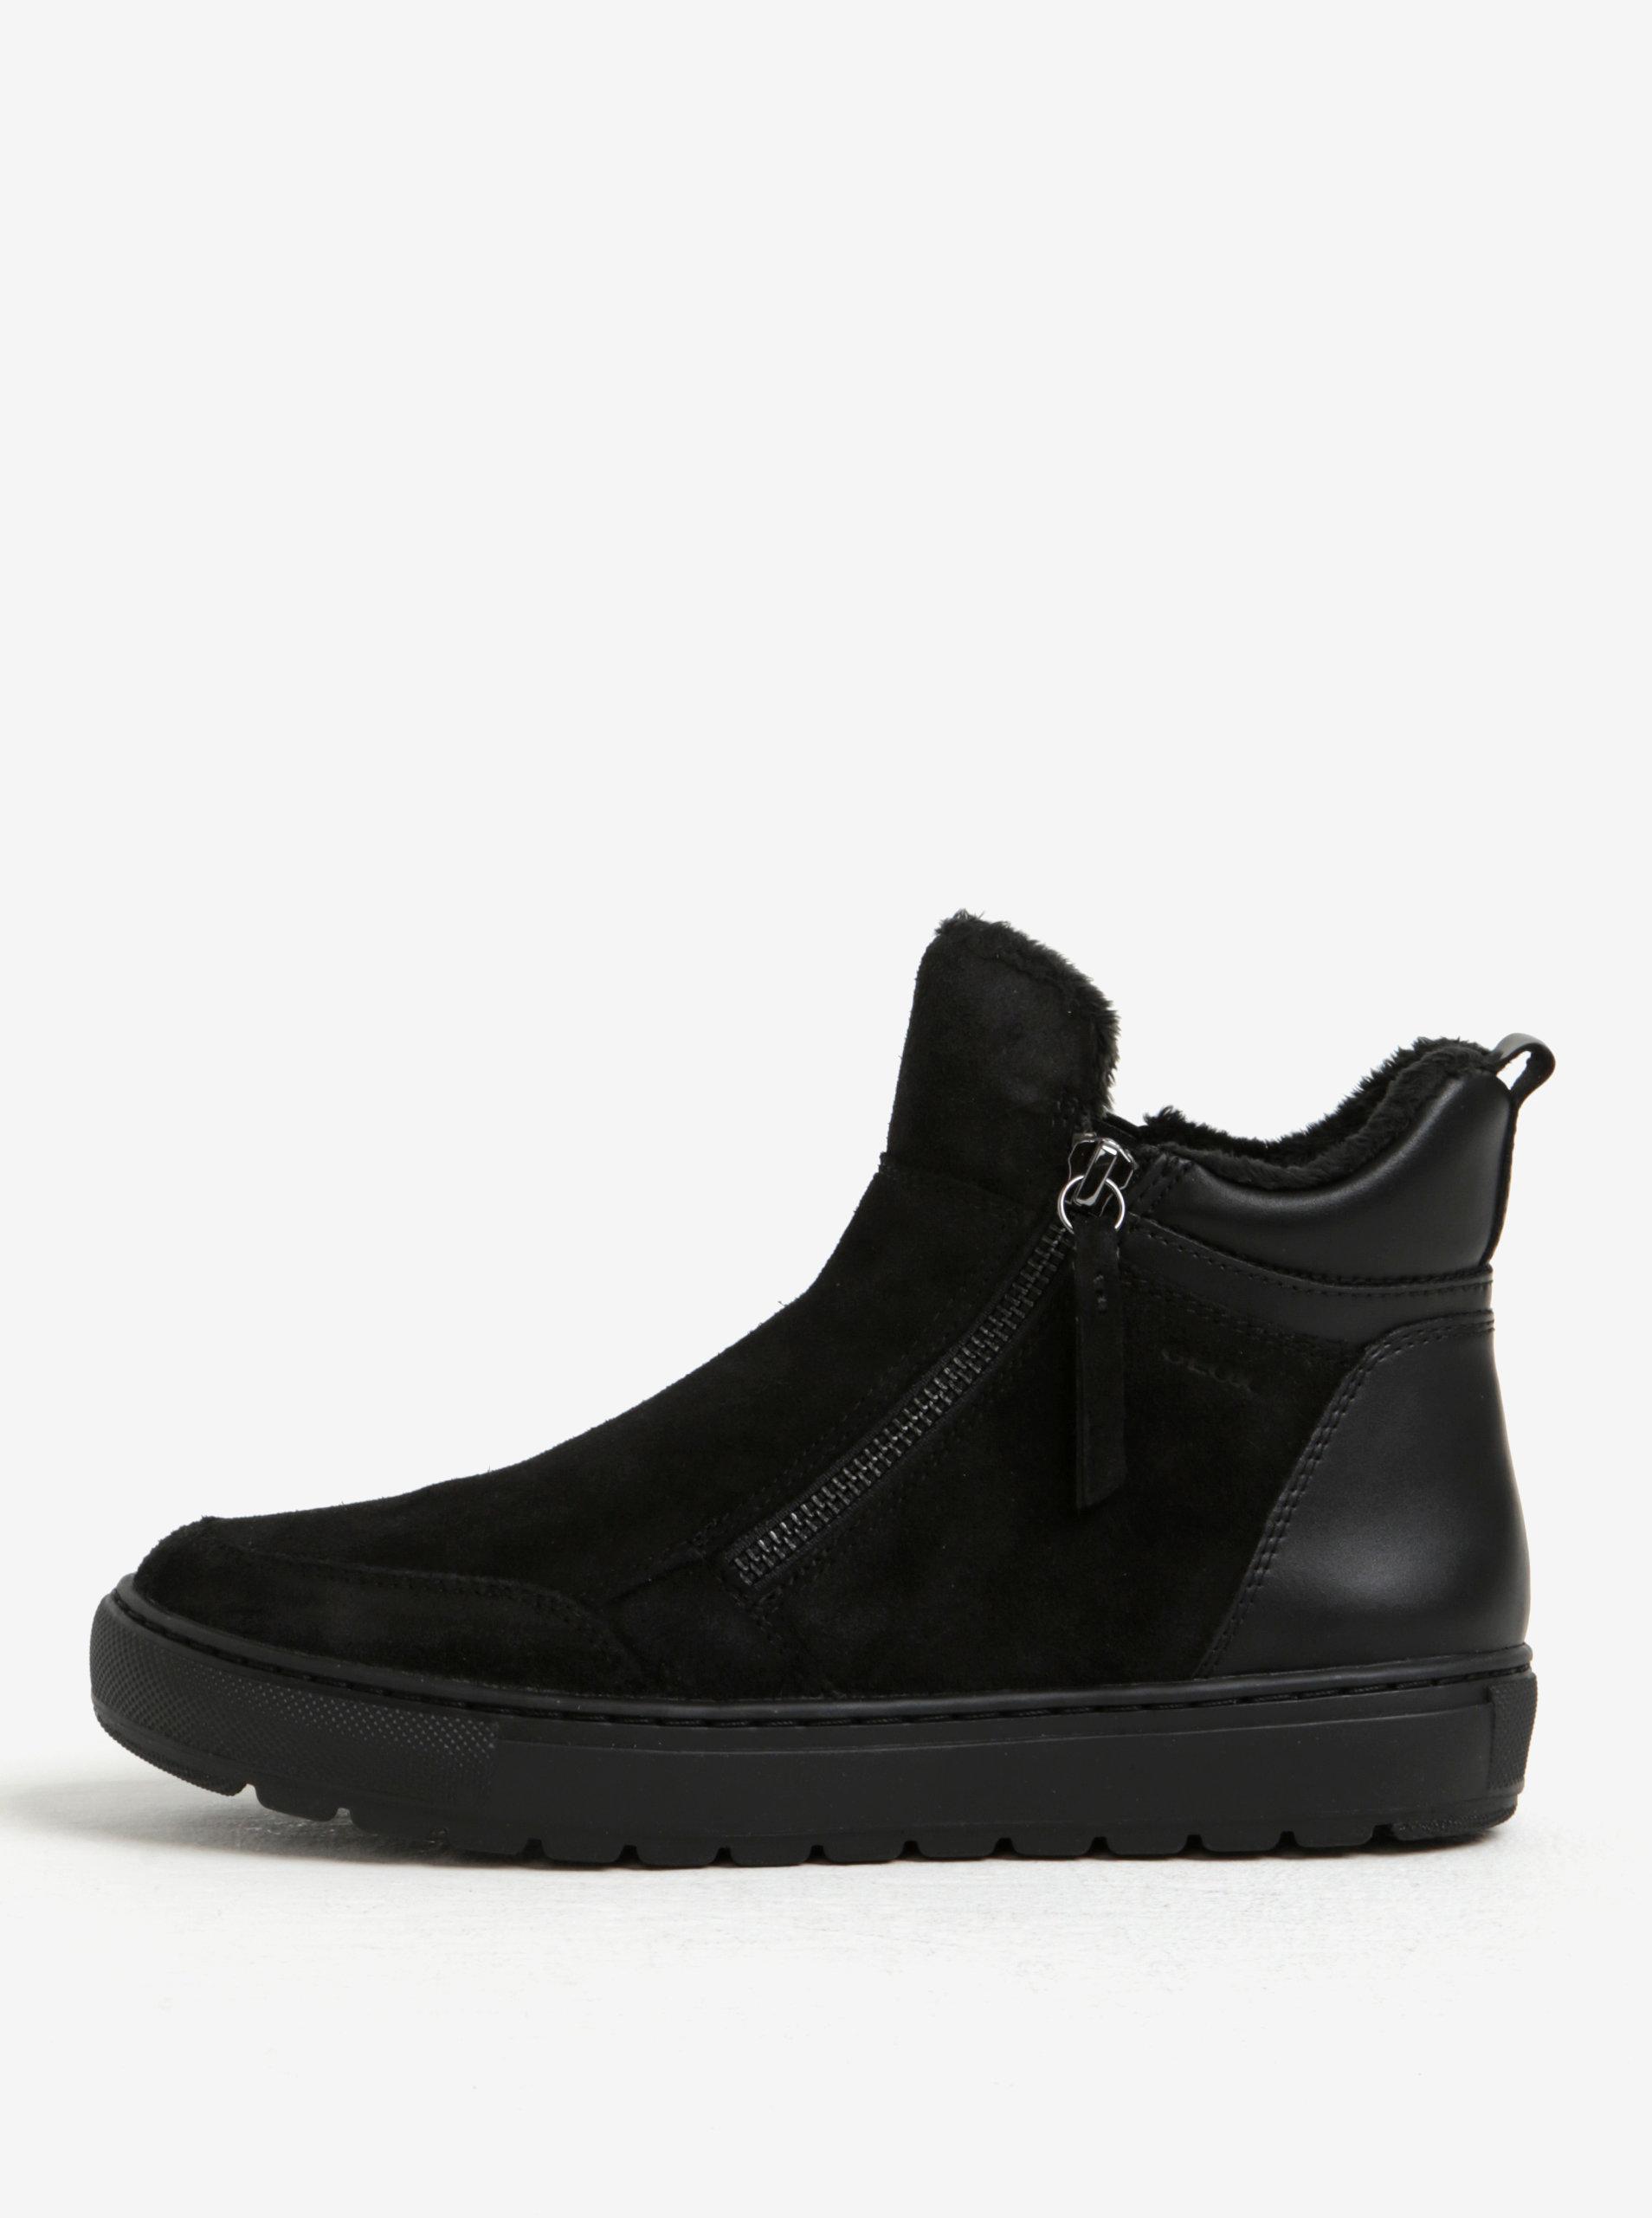 8384ad7c712e9 Čierne dámske zimné semišové členkové topánky Geox Breeda | ZOOT.sk